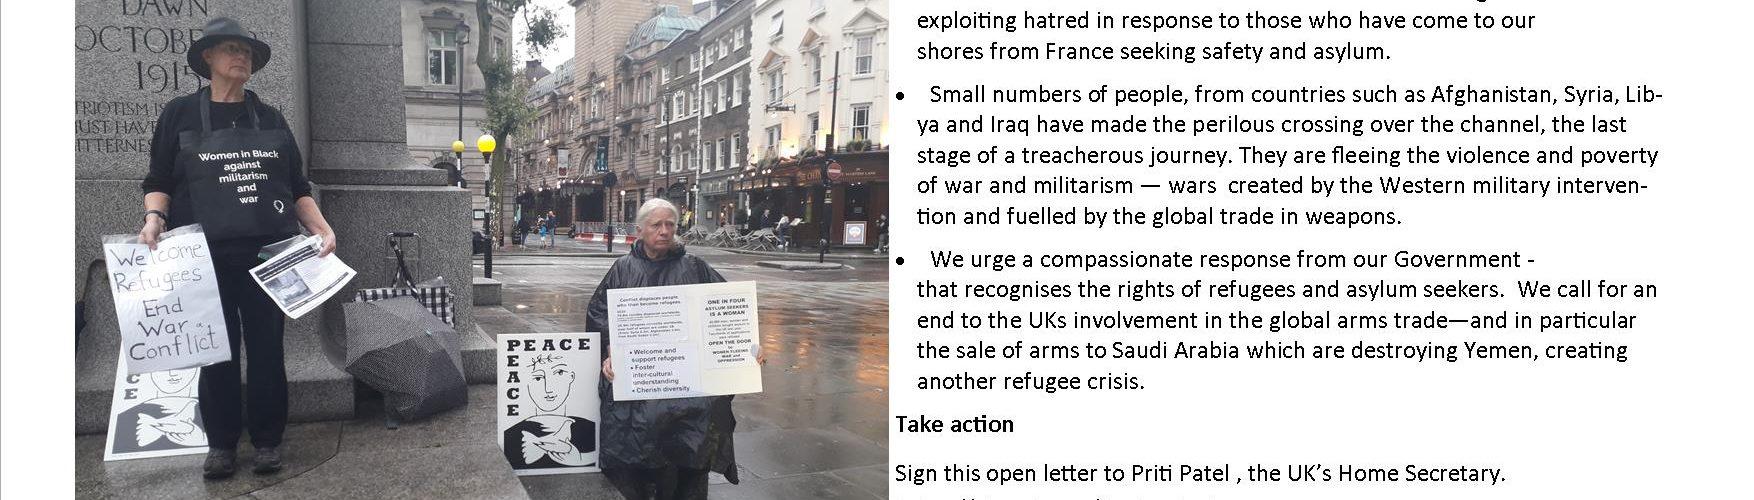 Women vigil for refugees